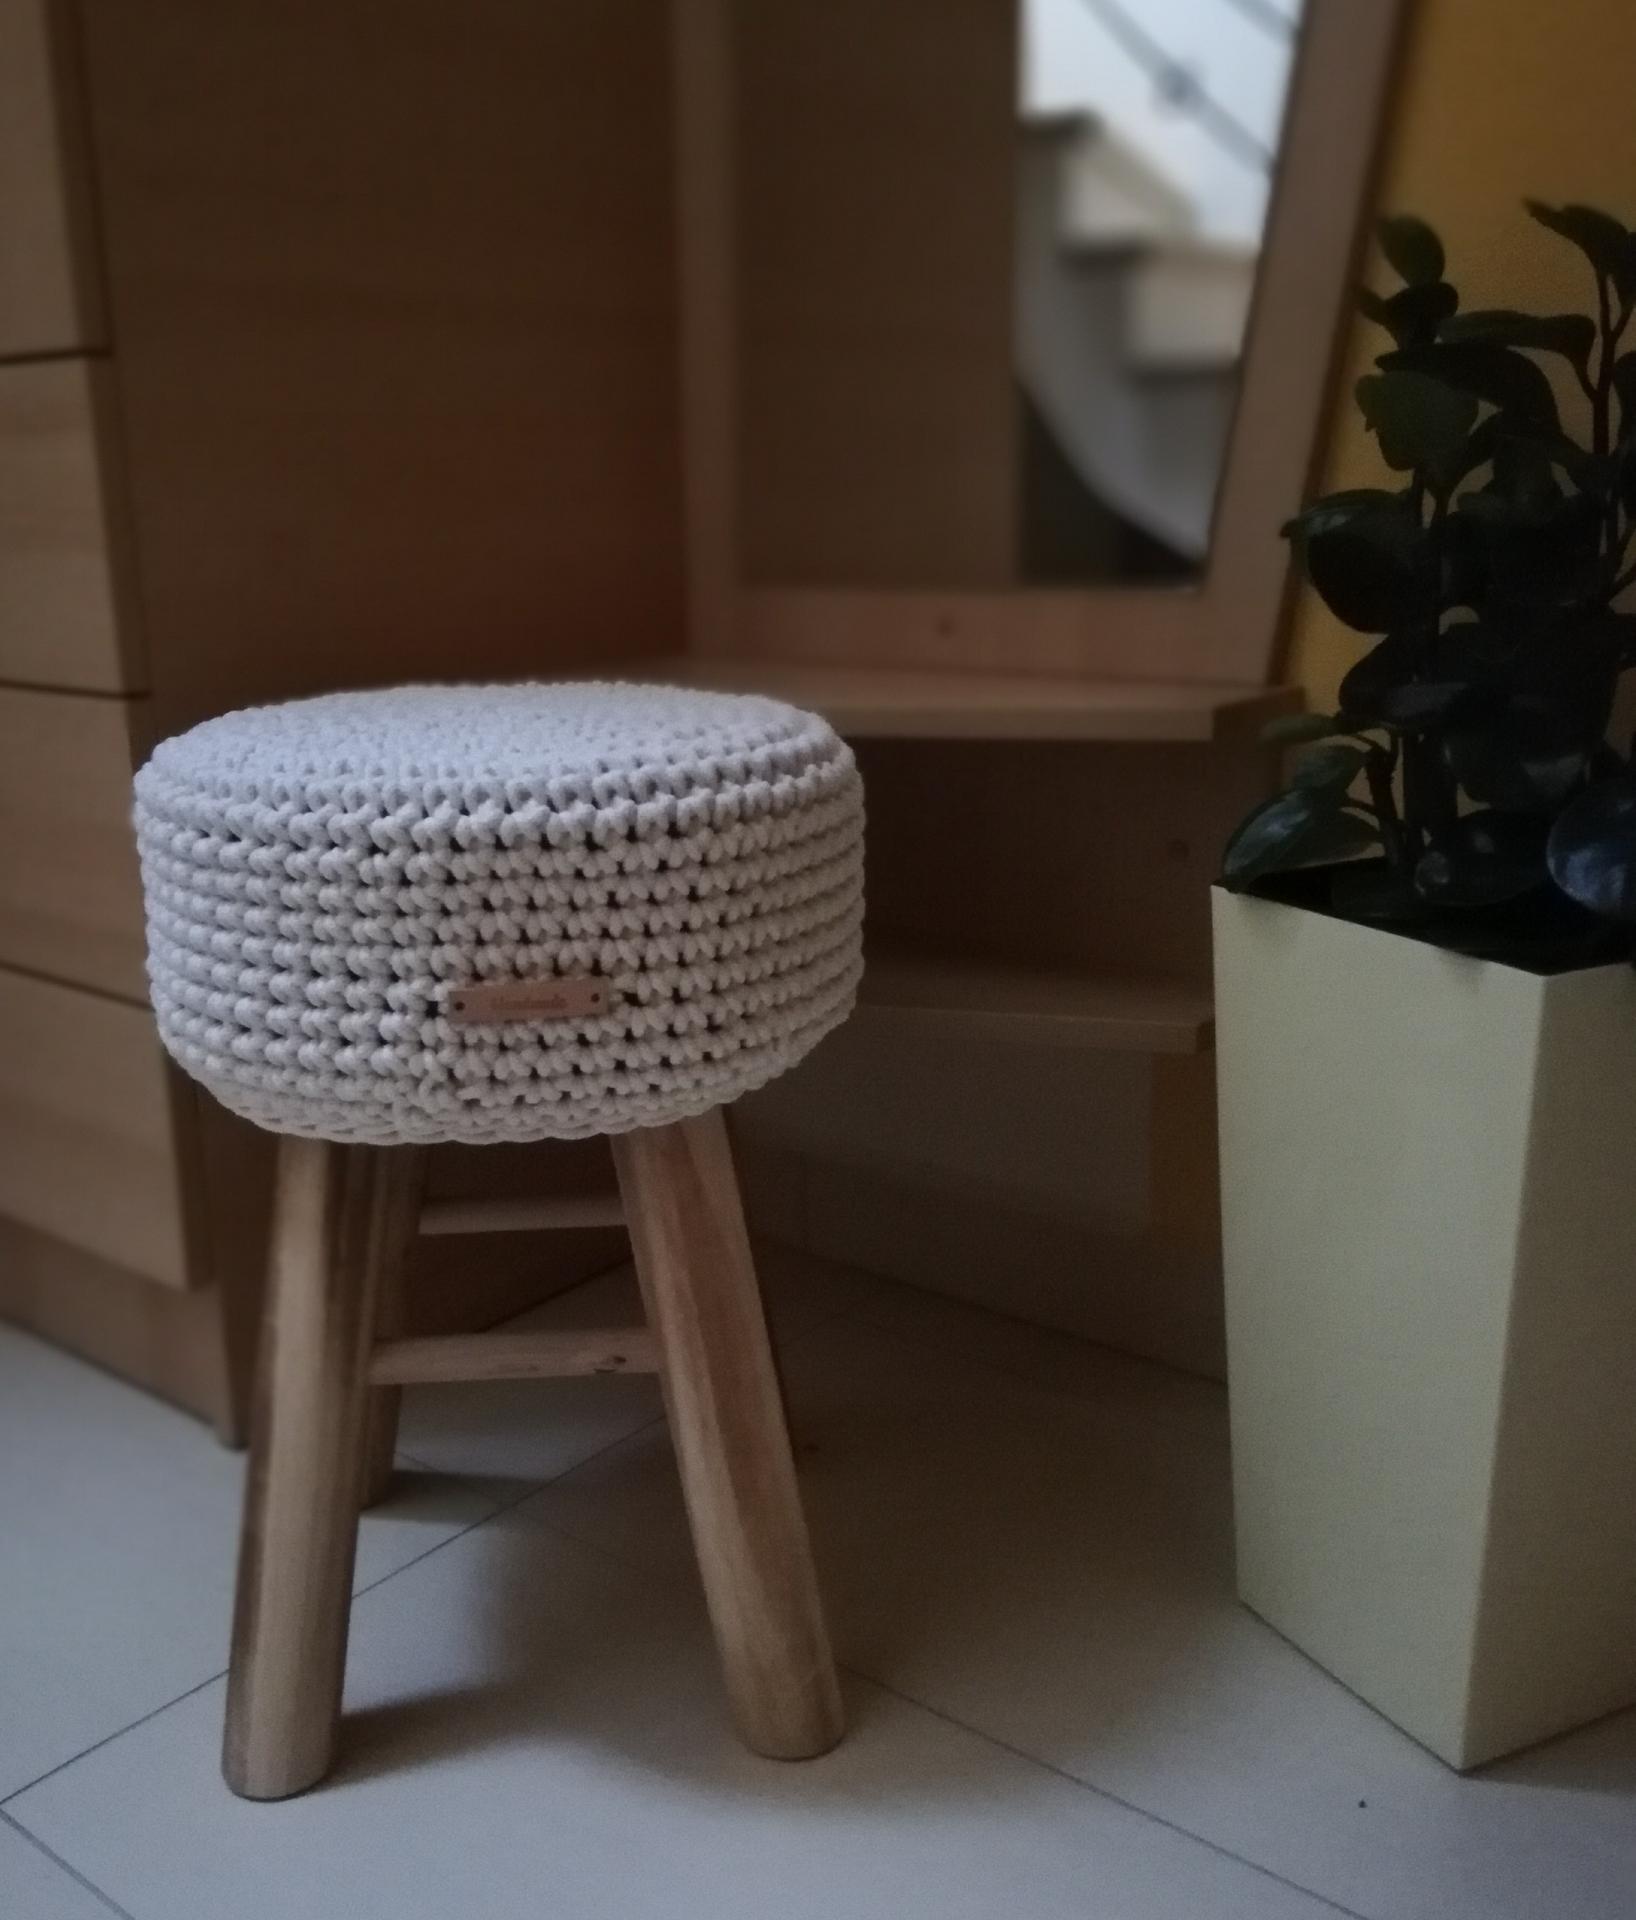 Doplňky - Stolička s háčkovaným potahem, tentokrát v barvičce NATURAL